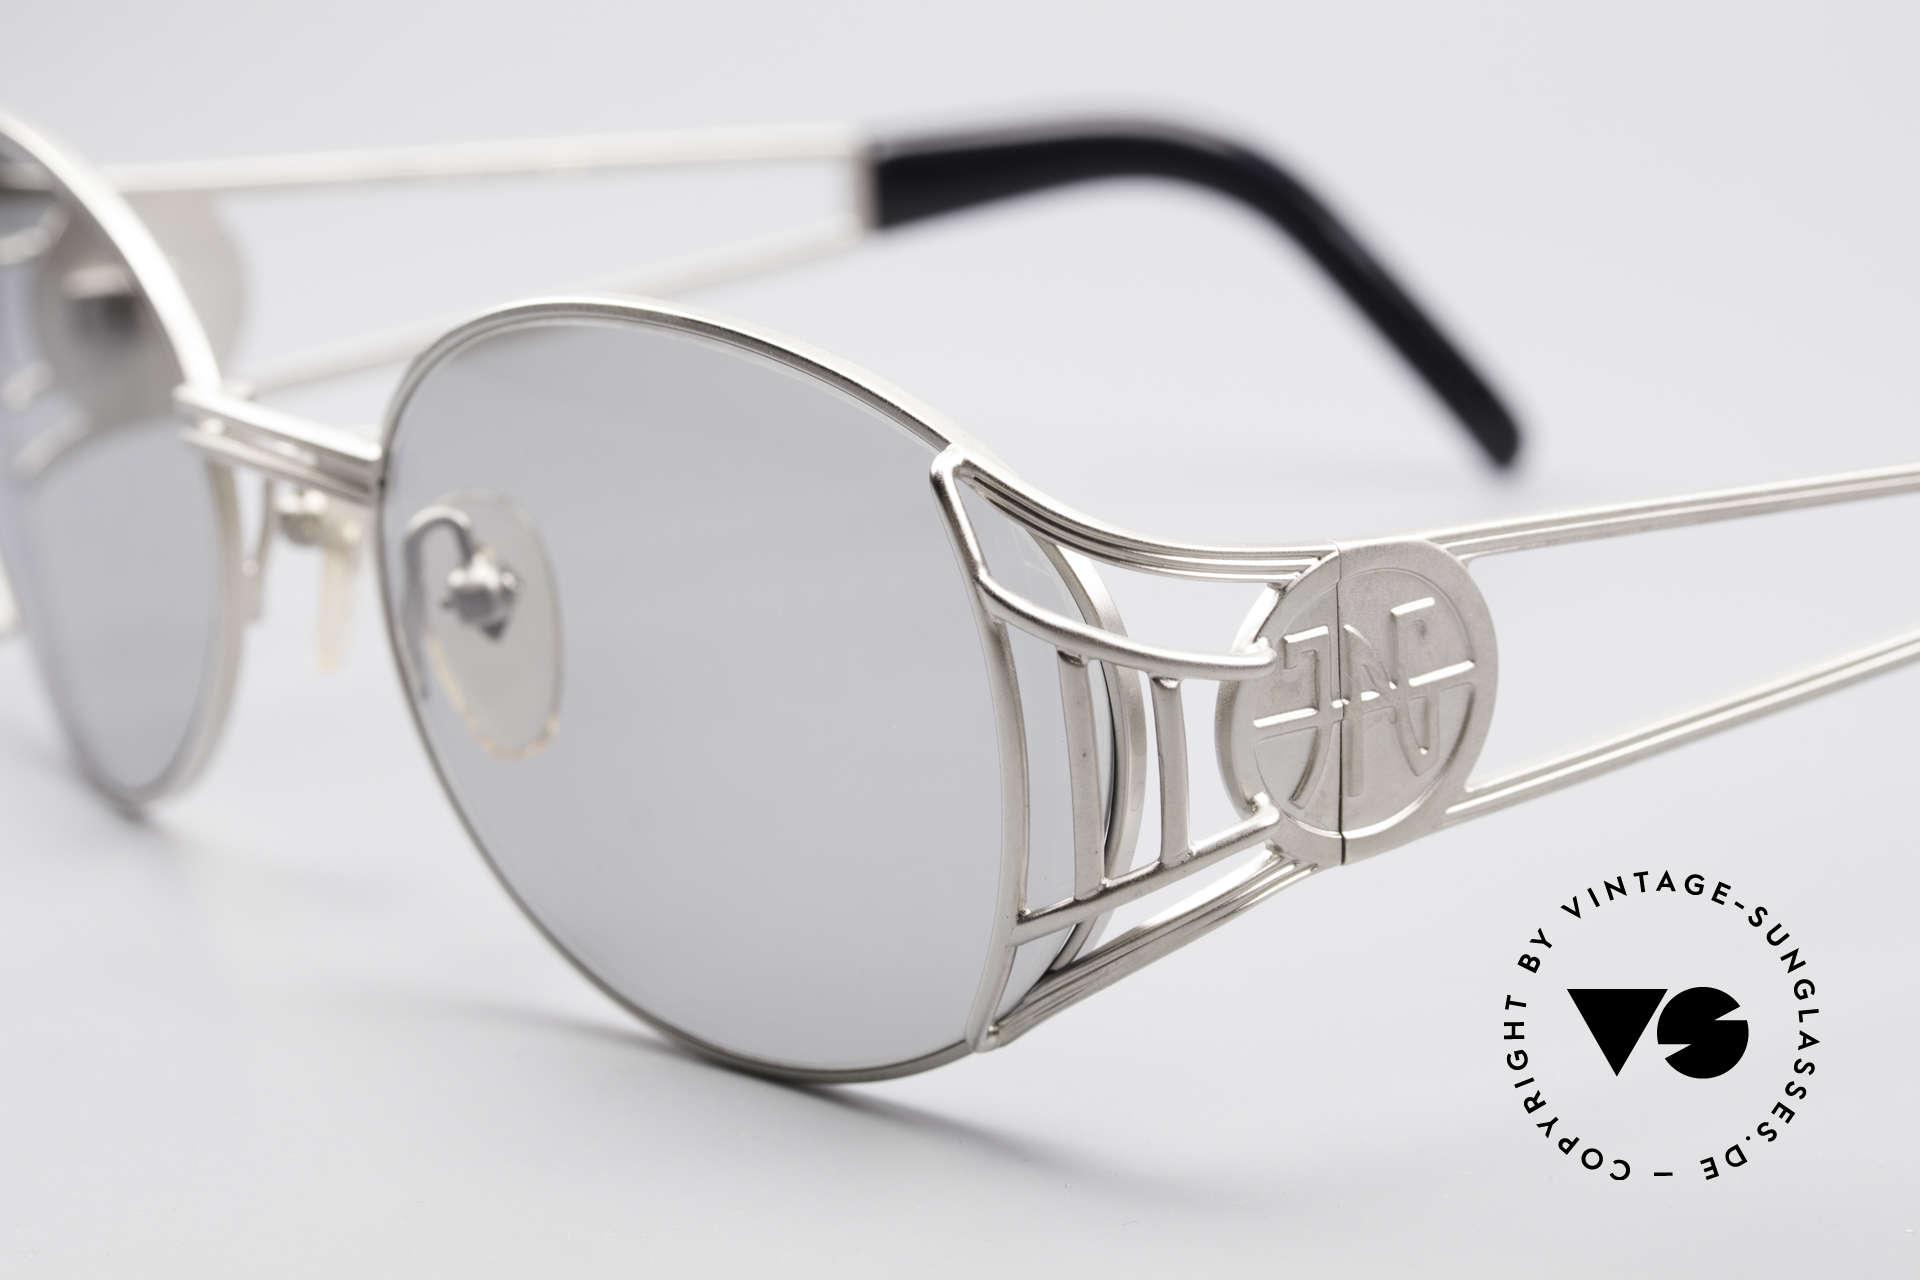 Jean Paul Gaultier 58-6102 Steampunk Vintage Brille, absolute vintage Rarität in fühlbarem Top-Zustand, Passend für Herren und Damen